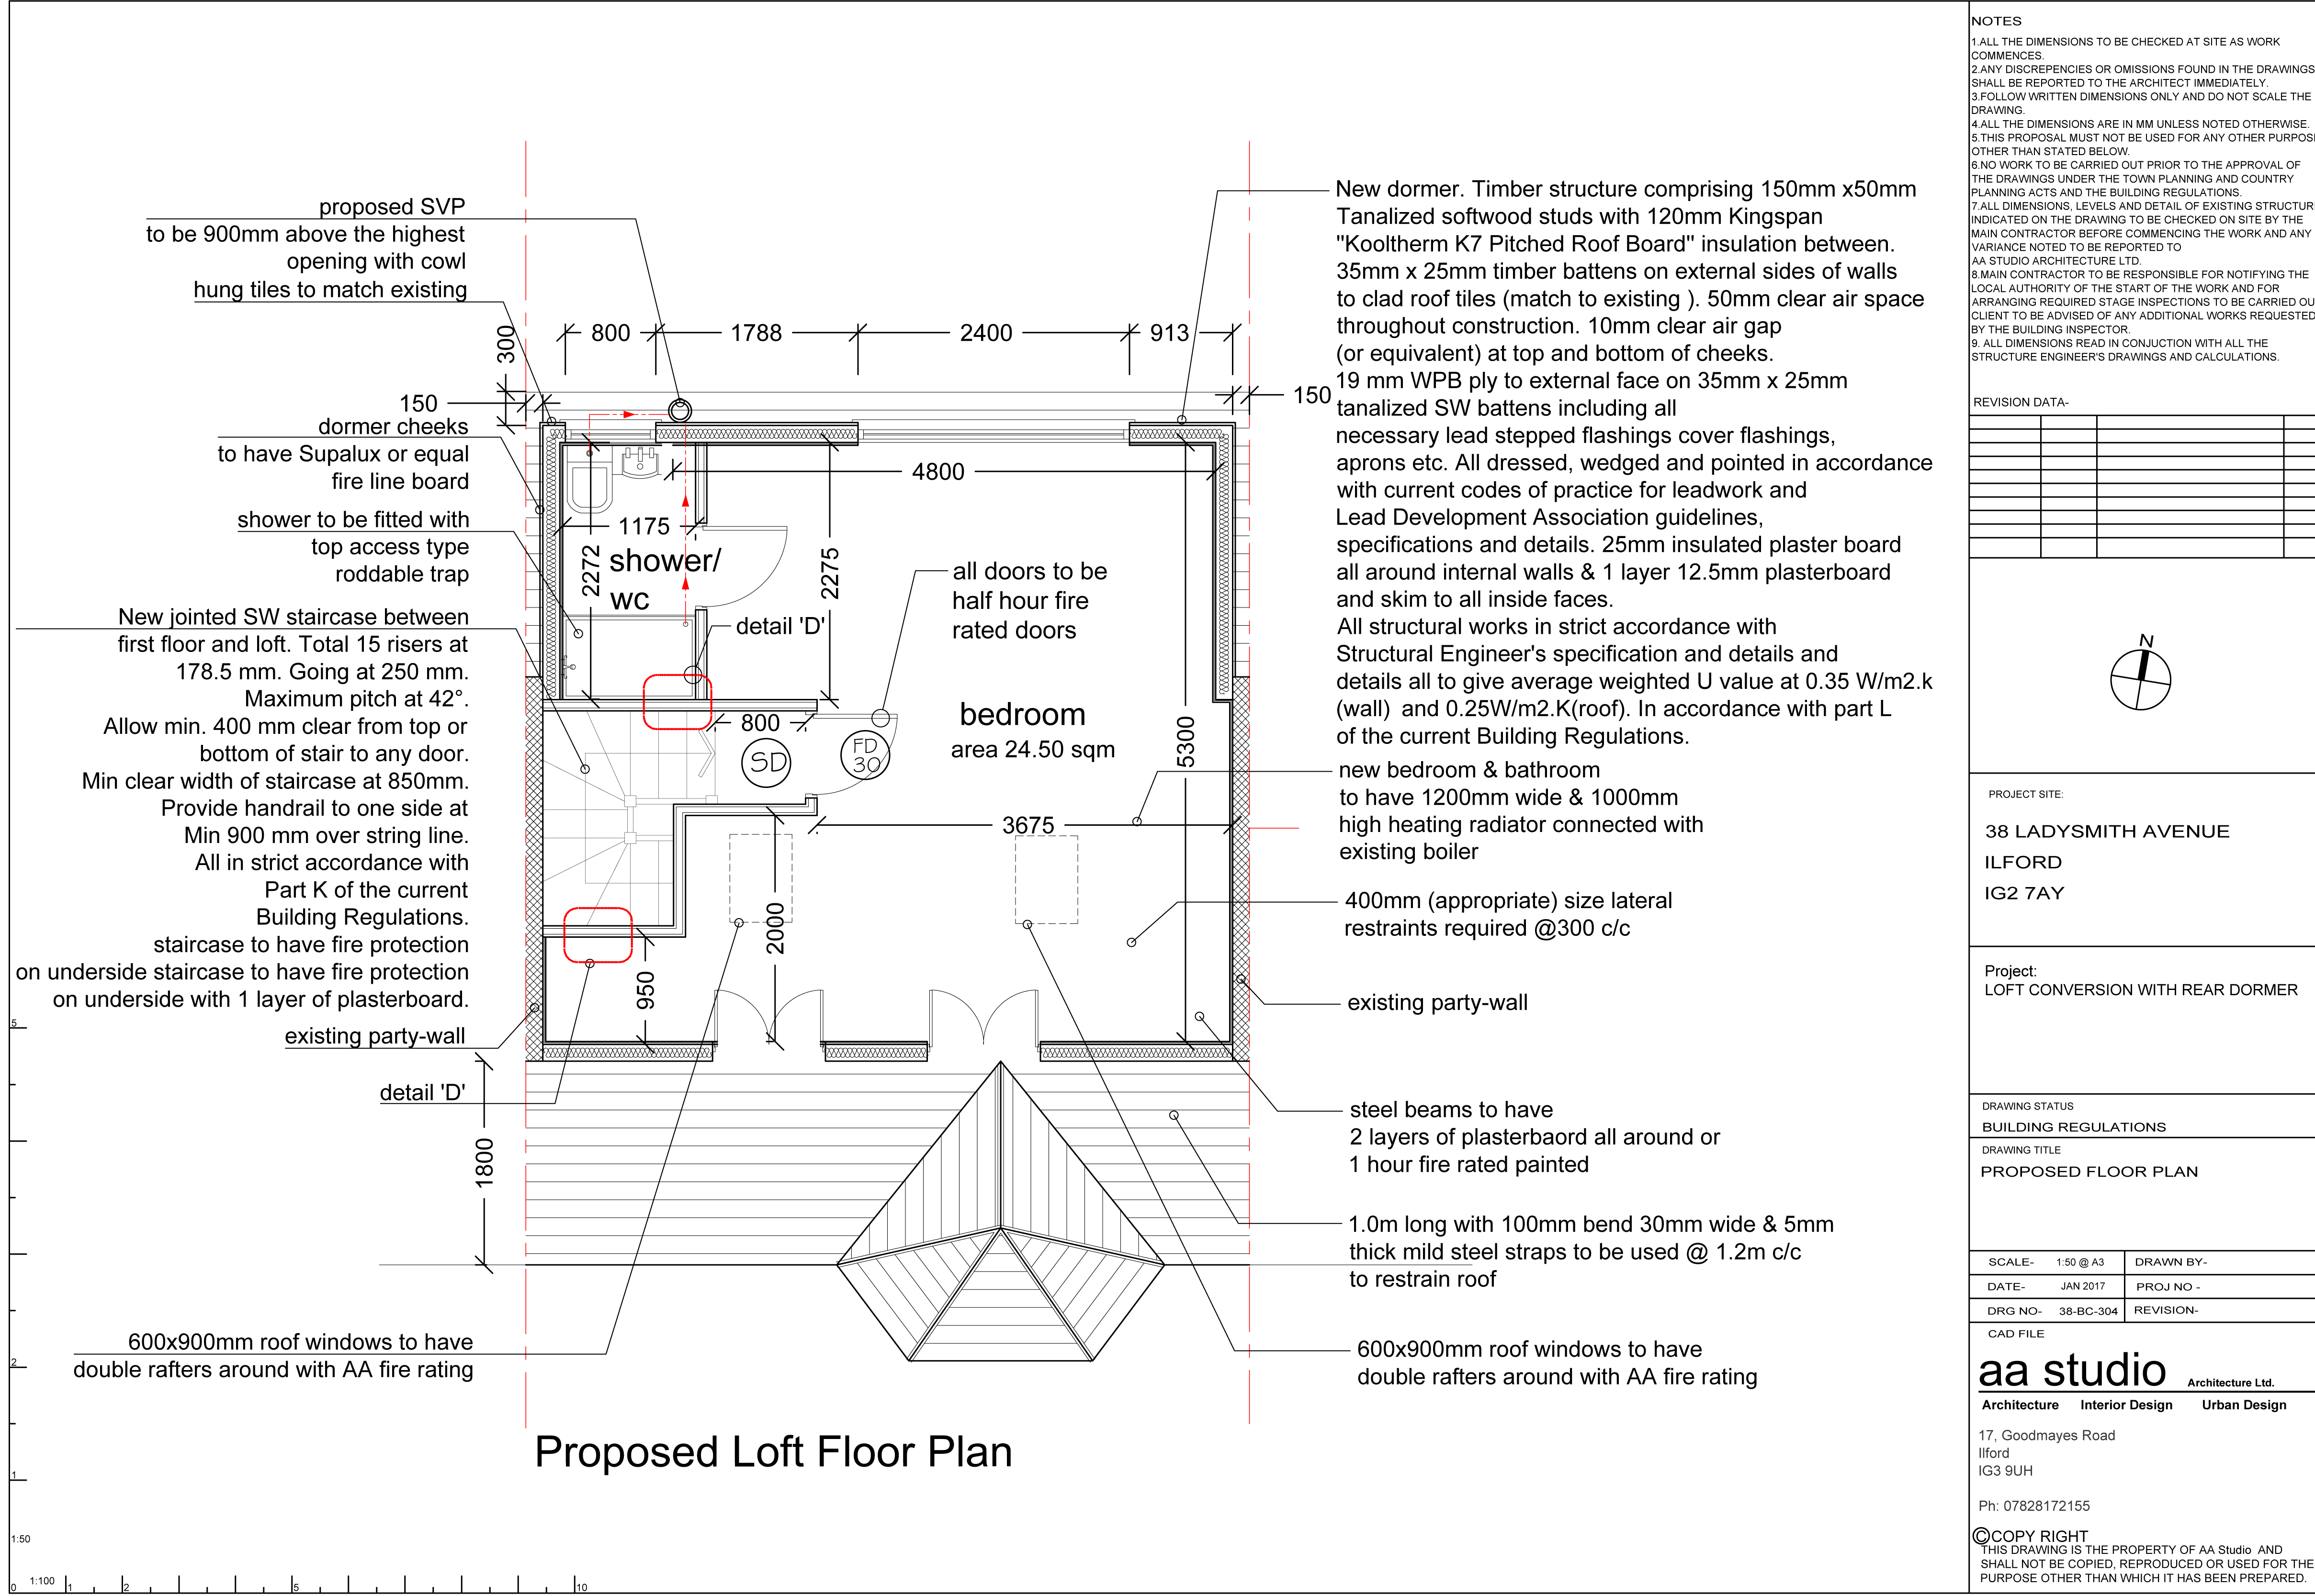 Loft Conversion Ilford